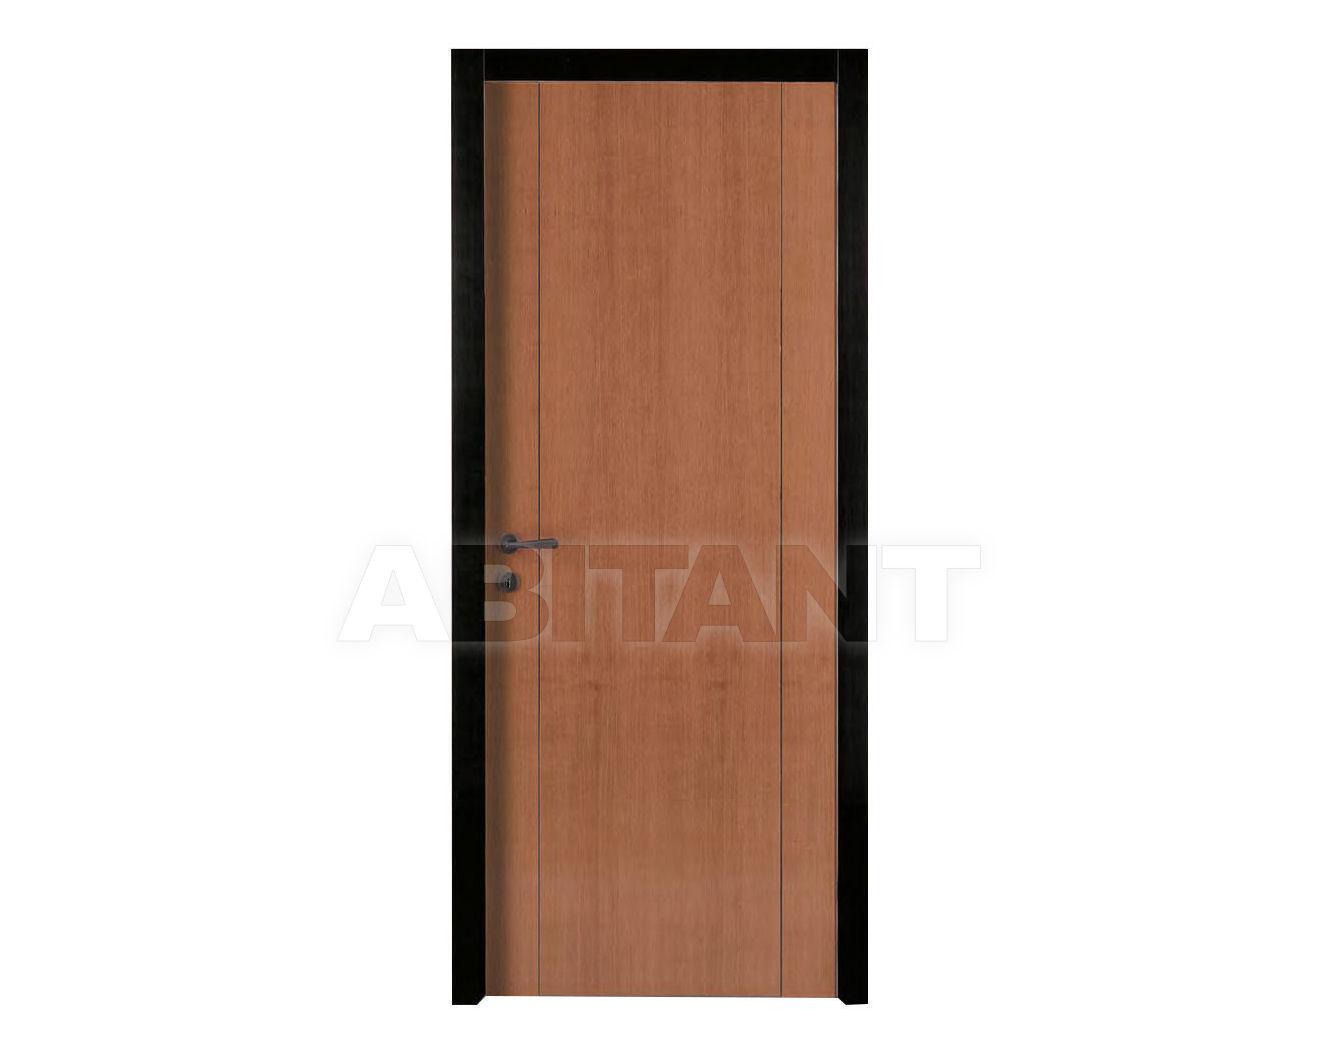 Купить Дверь деревянная Fioravazzi Lisce STYLNOVA CIECA 2